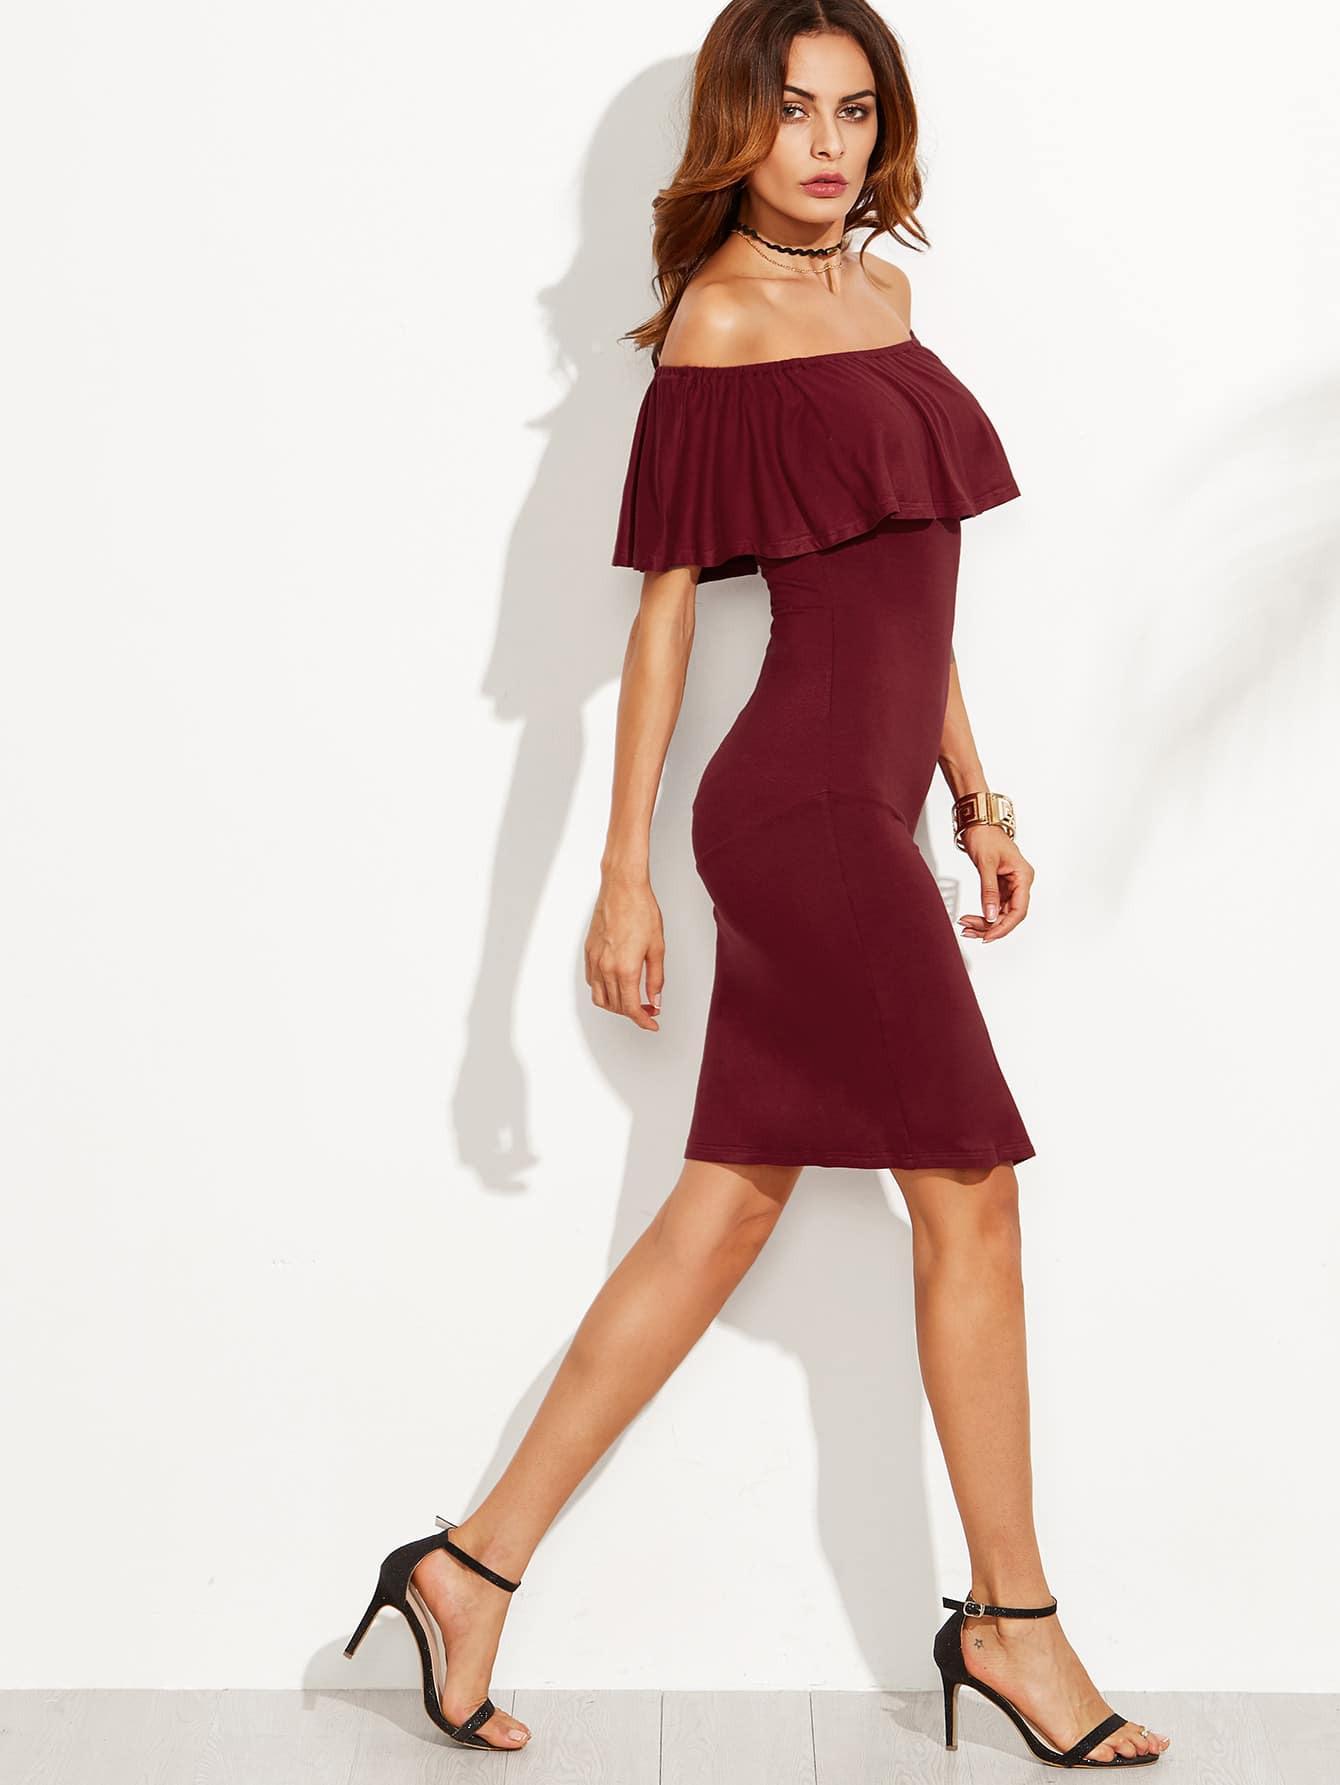 Schulterfreies Kleid Rot  Trendige Kleider Für Die Saison